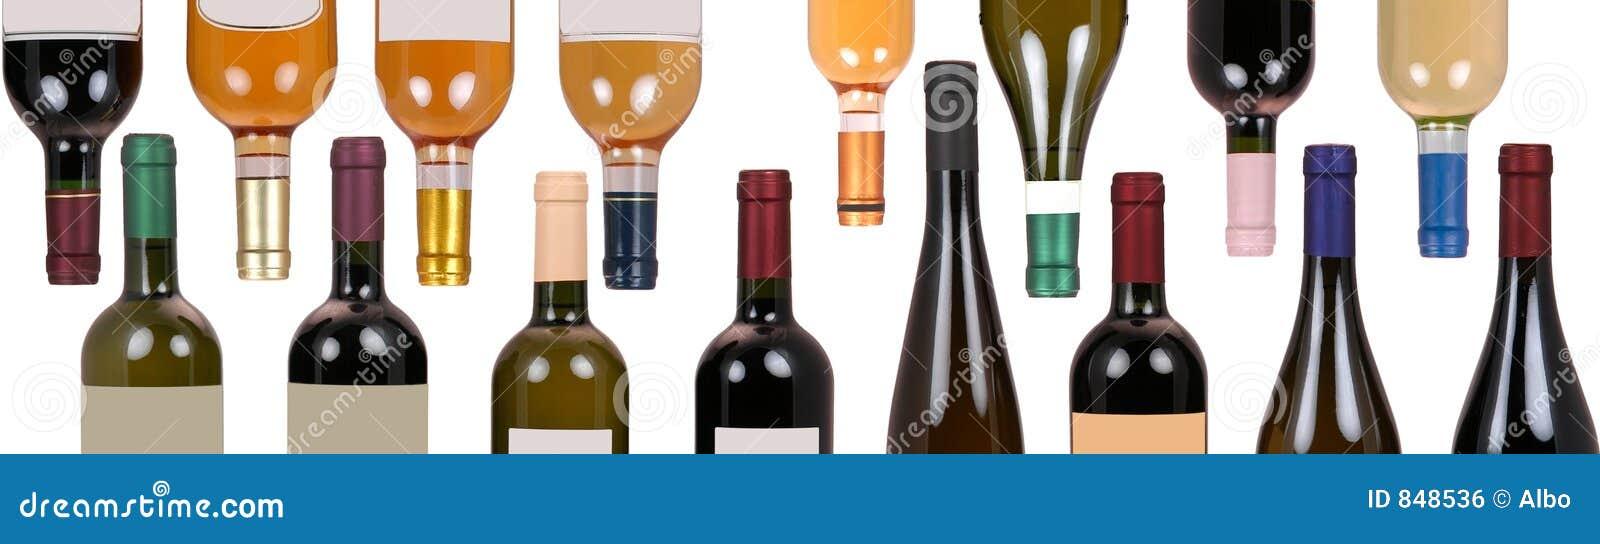 Geassorteerde flessen wijn